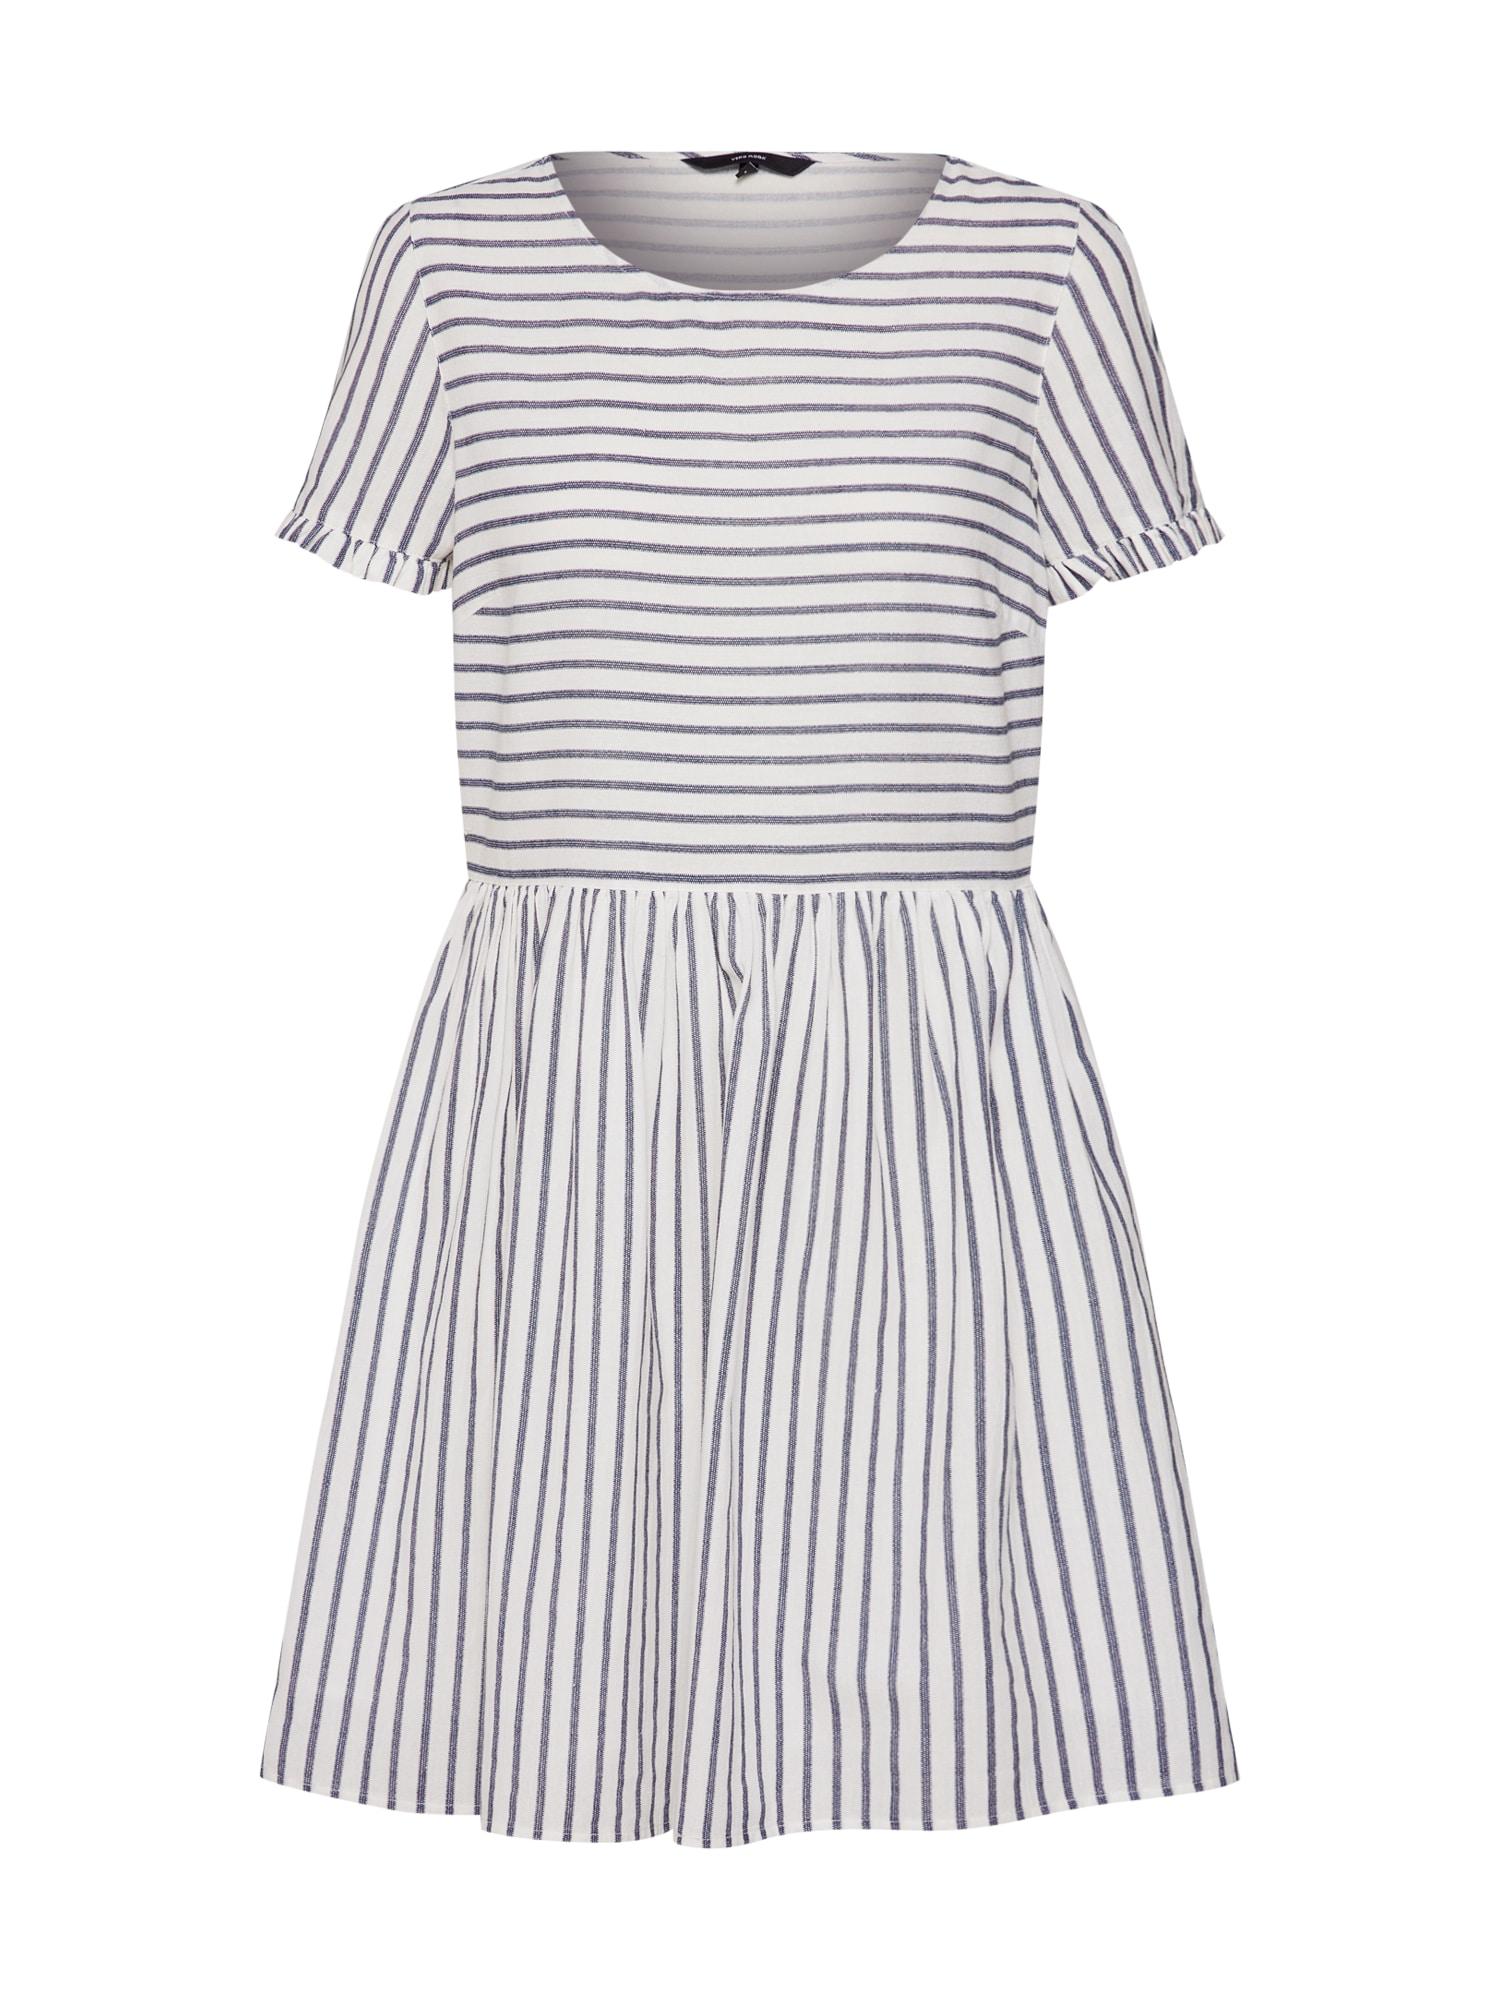 Letní šaty VMCOCO STRIPY SS SHORT DRESS modrá bílá VERO MODA